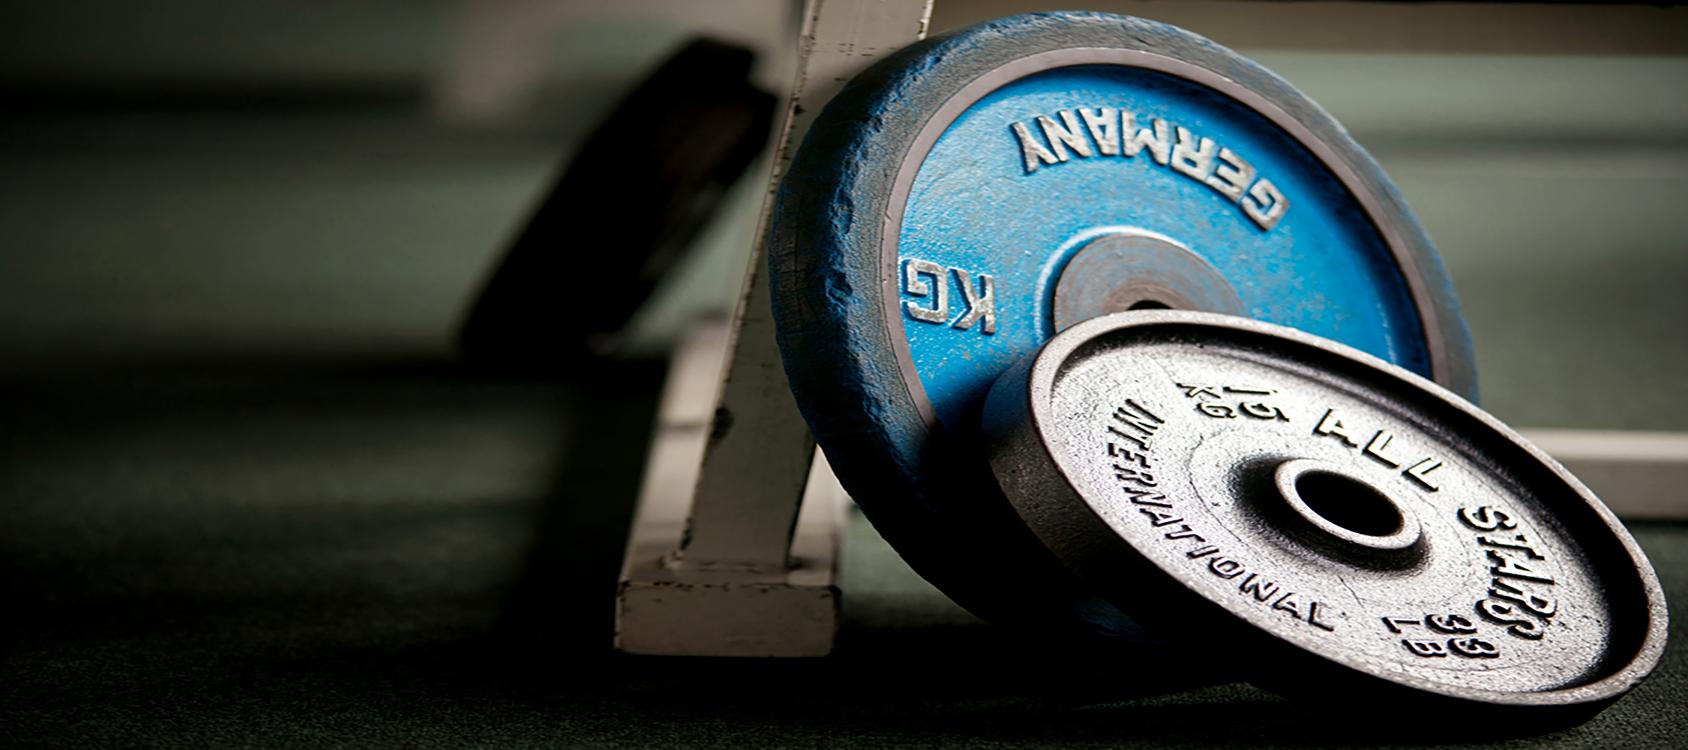 Fitnessgeräte sind Sport zum Erfolg nur warten und reparieren muss man diese